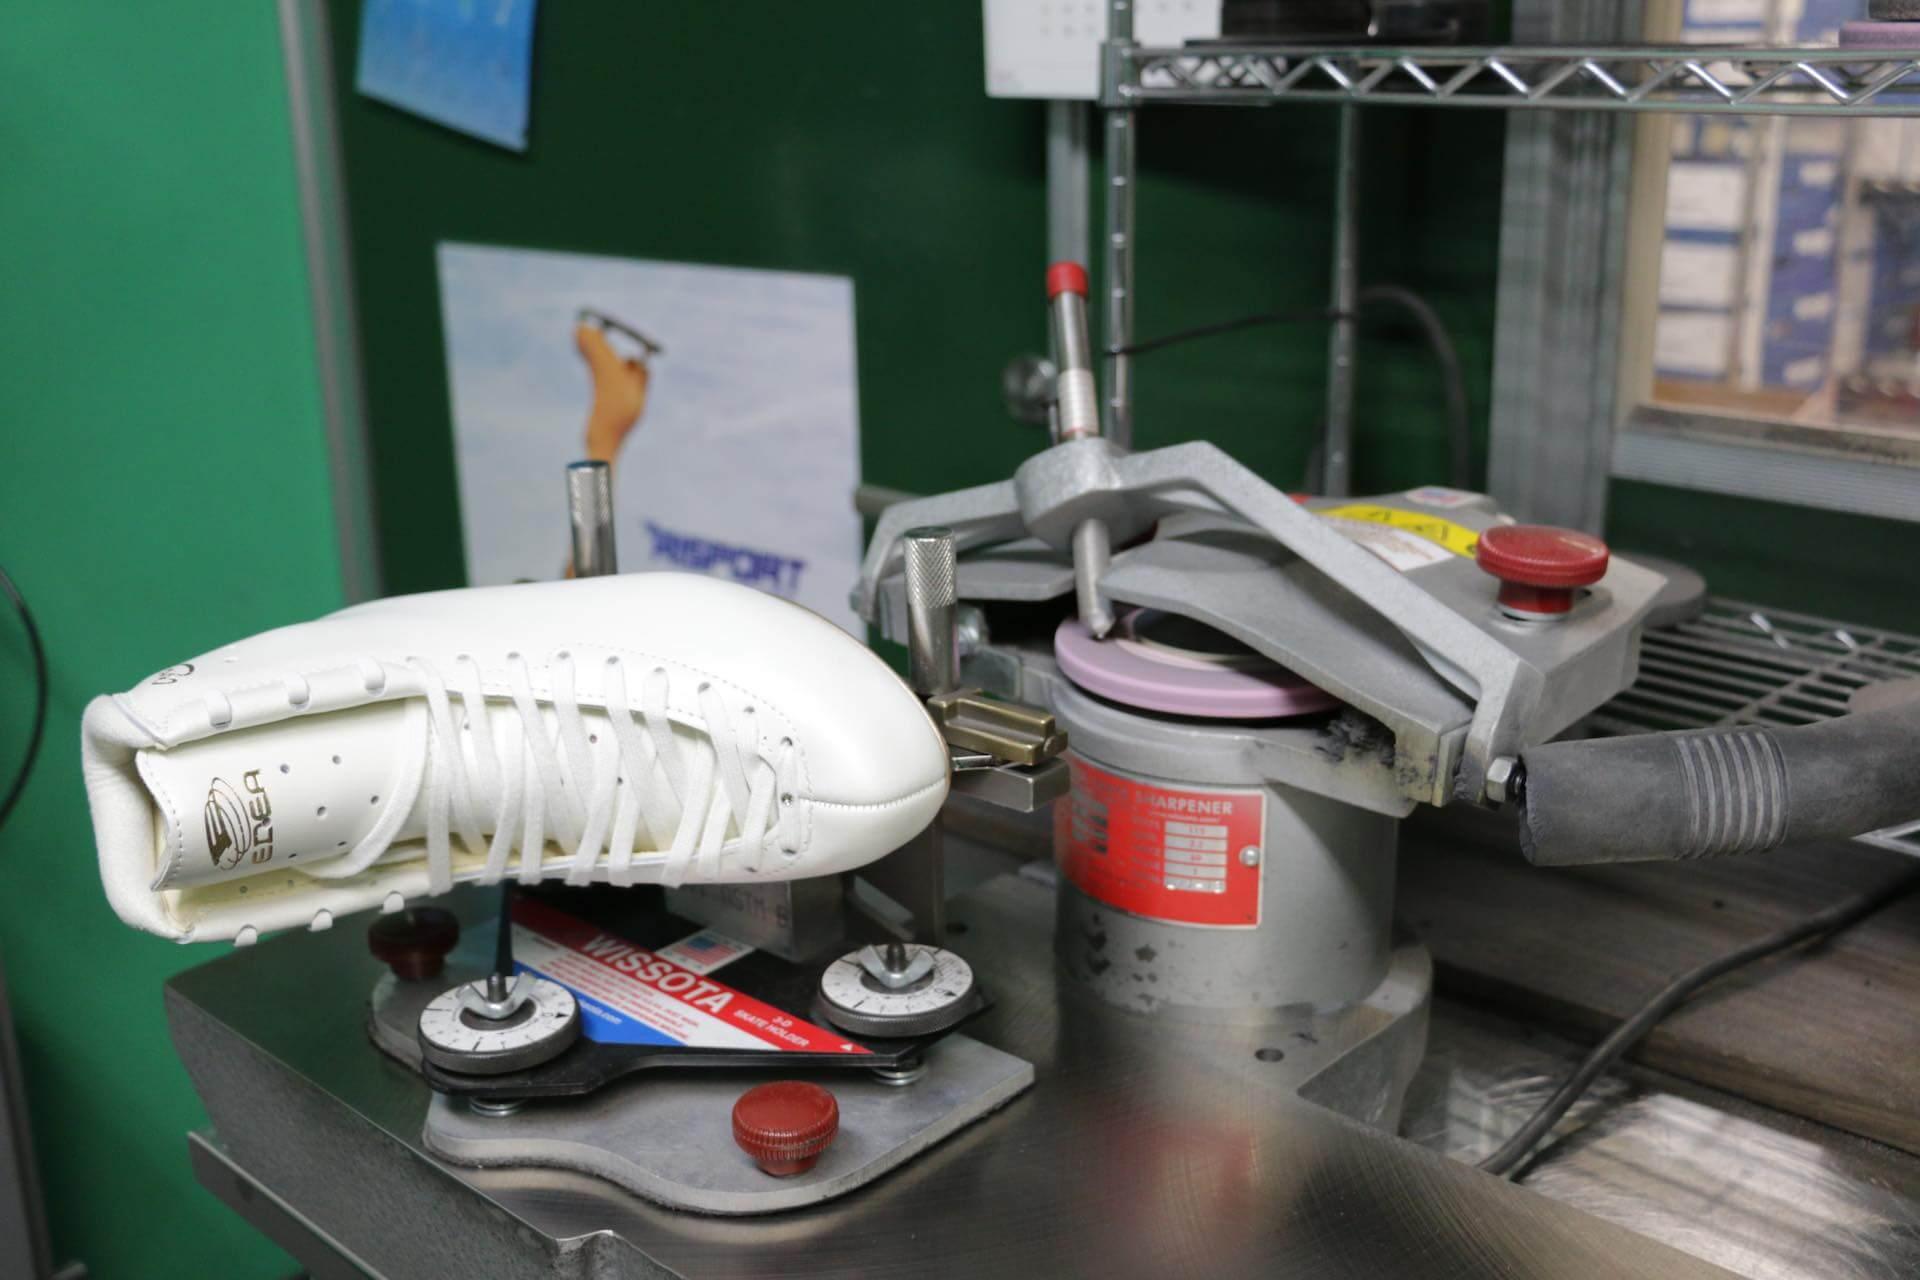 これが研ぎの機械。中央の小さなピンクの円盤がグラインダー (円形の砥石盤) です